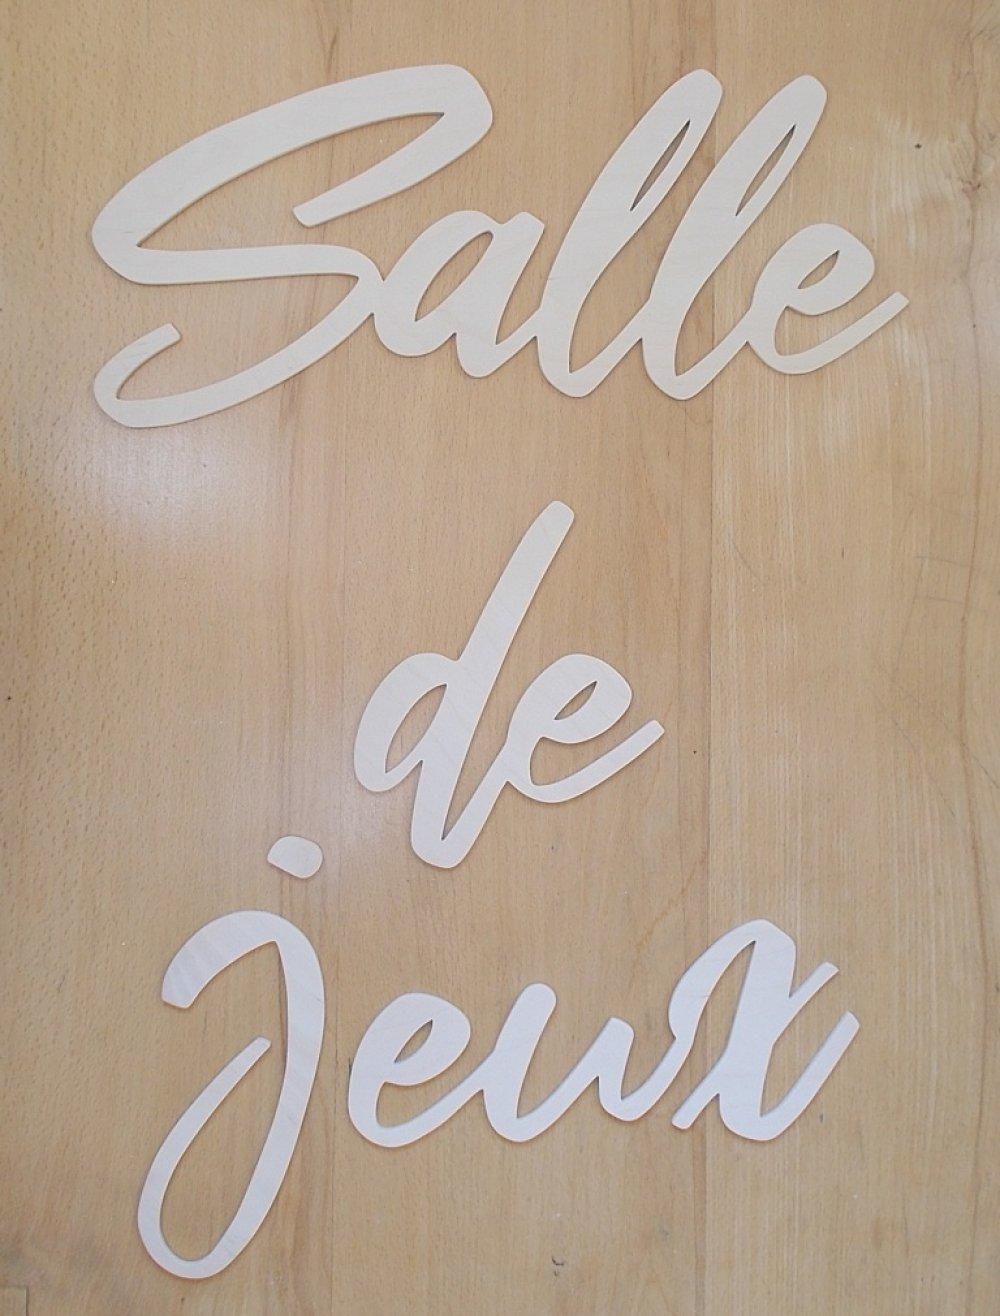 Décor Salle De Jeux salle de jeux - mots décoratifs en bois pour décor mural/porte